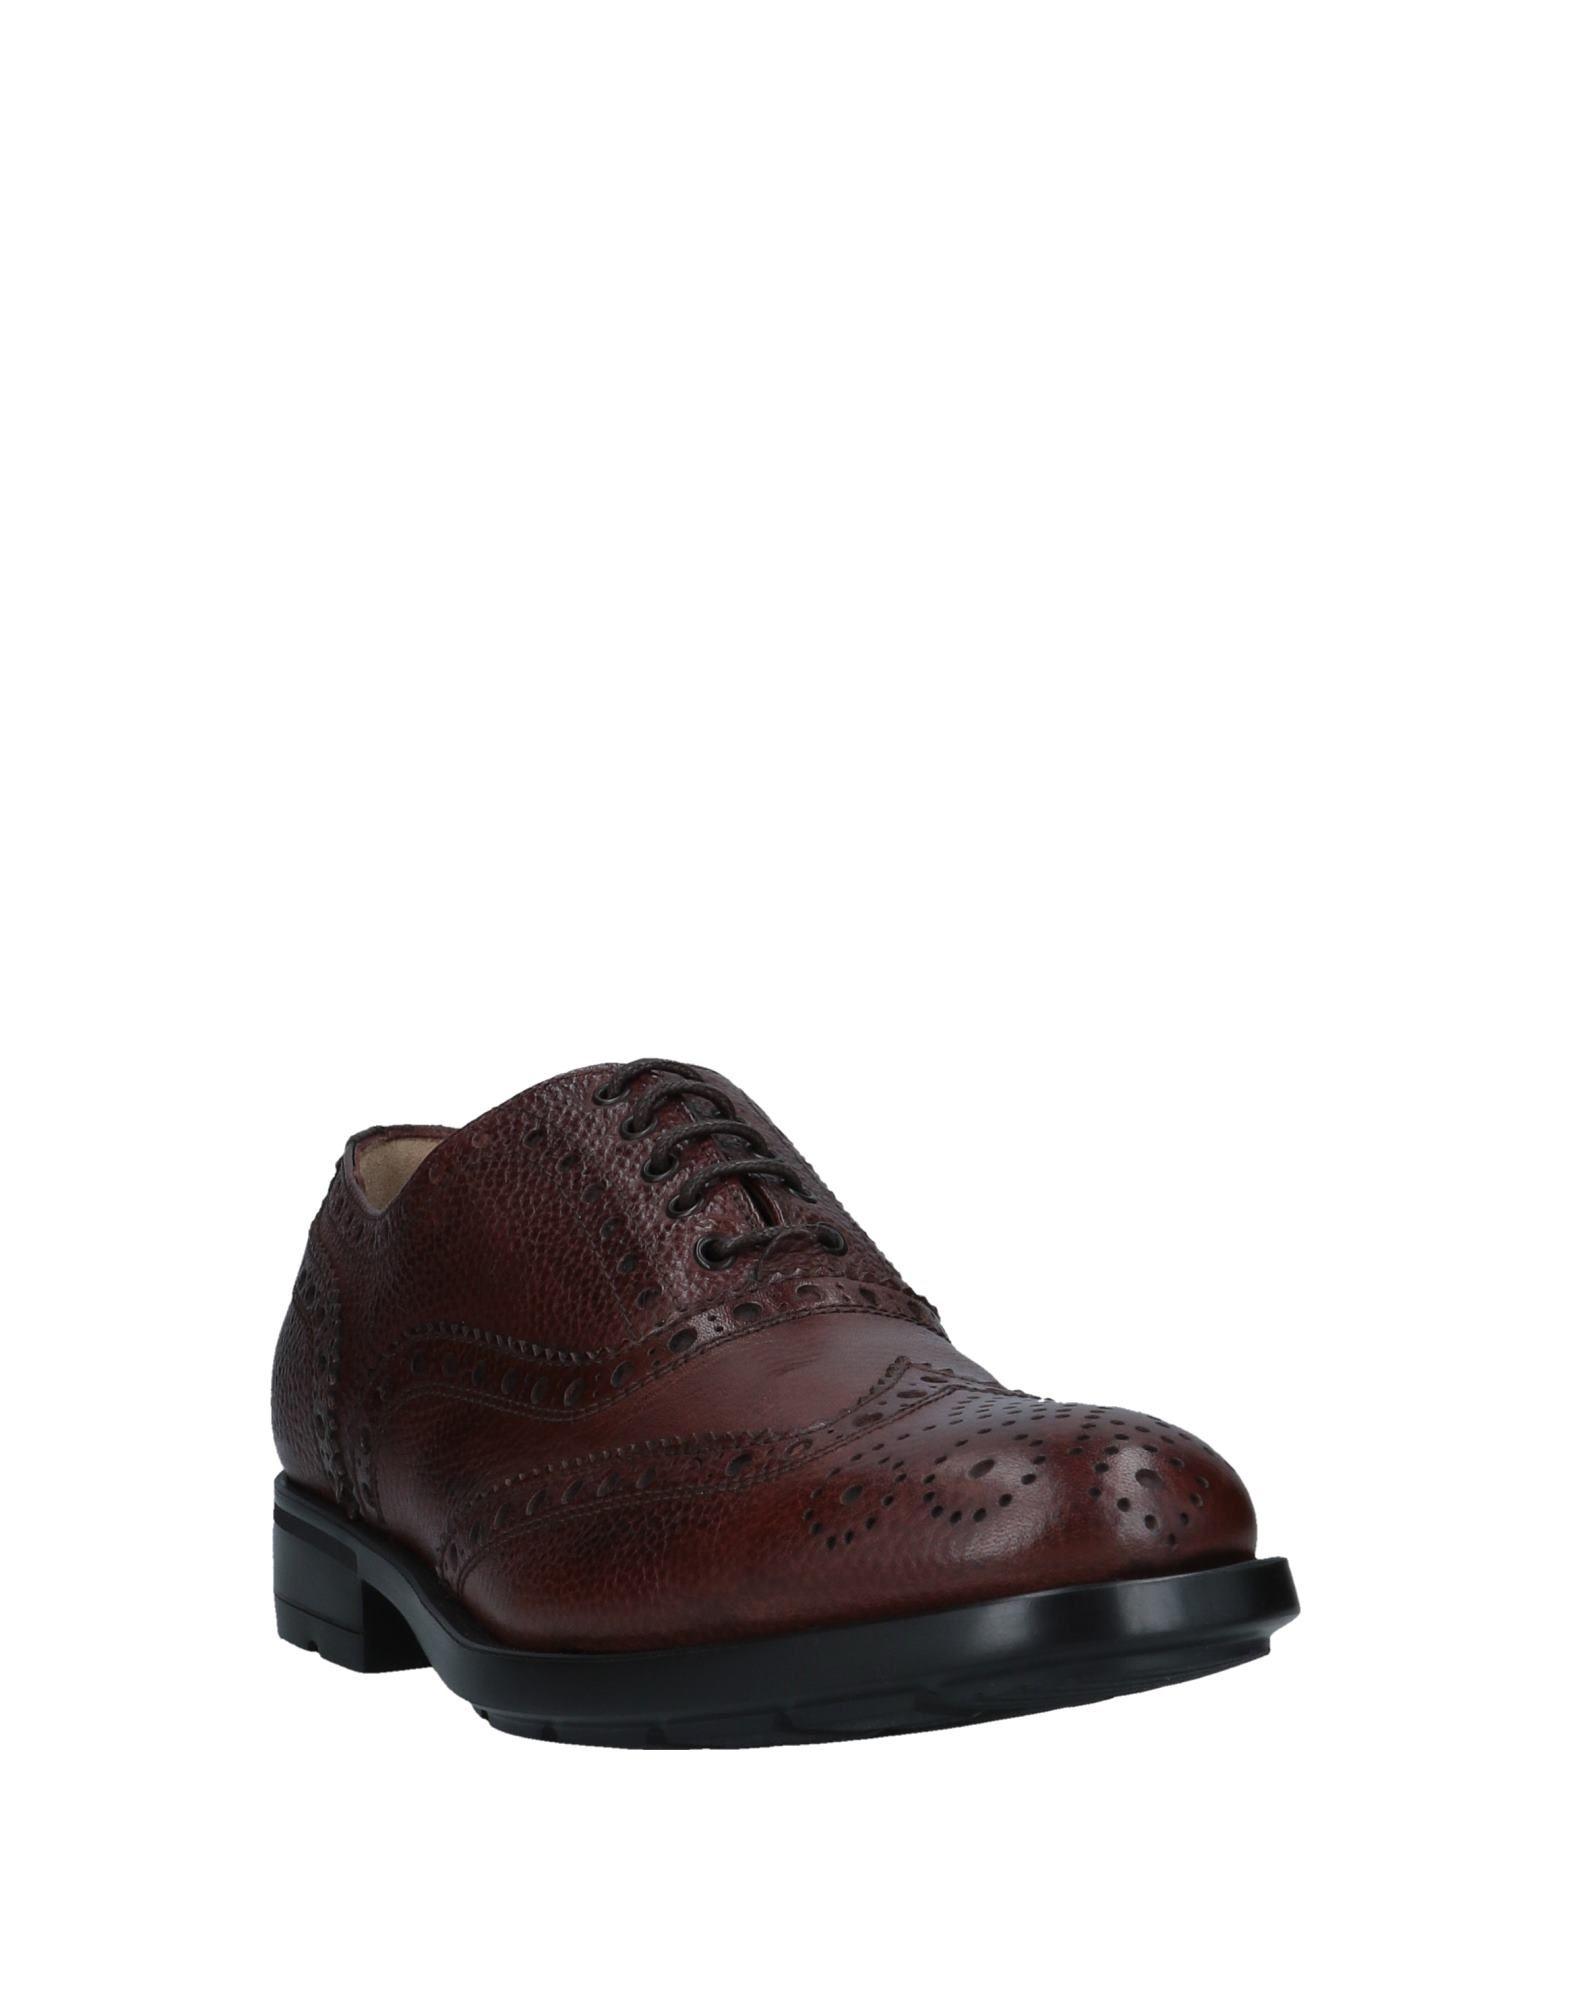 Baldinini Schnürschuhe Herren  11554119BS Gute Qualität beliebte Schuhe